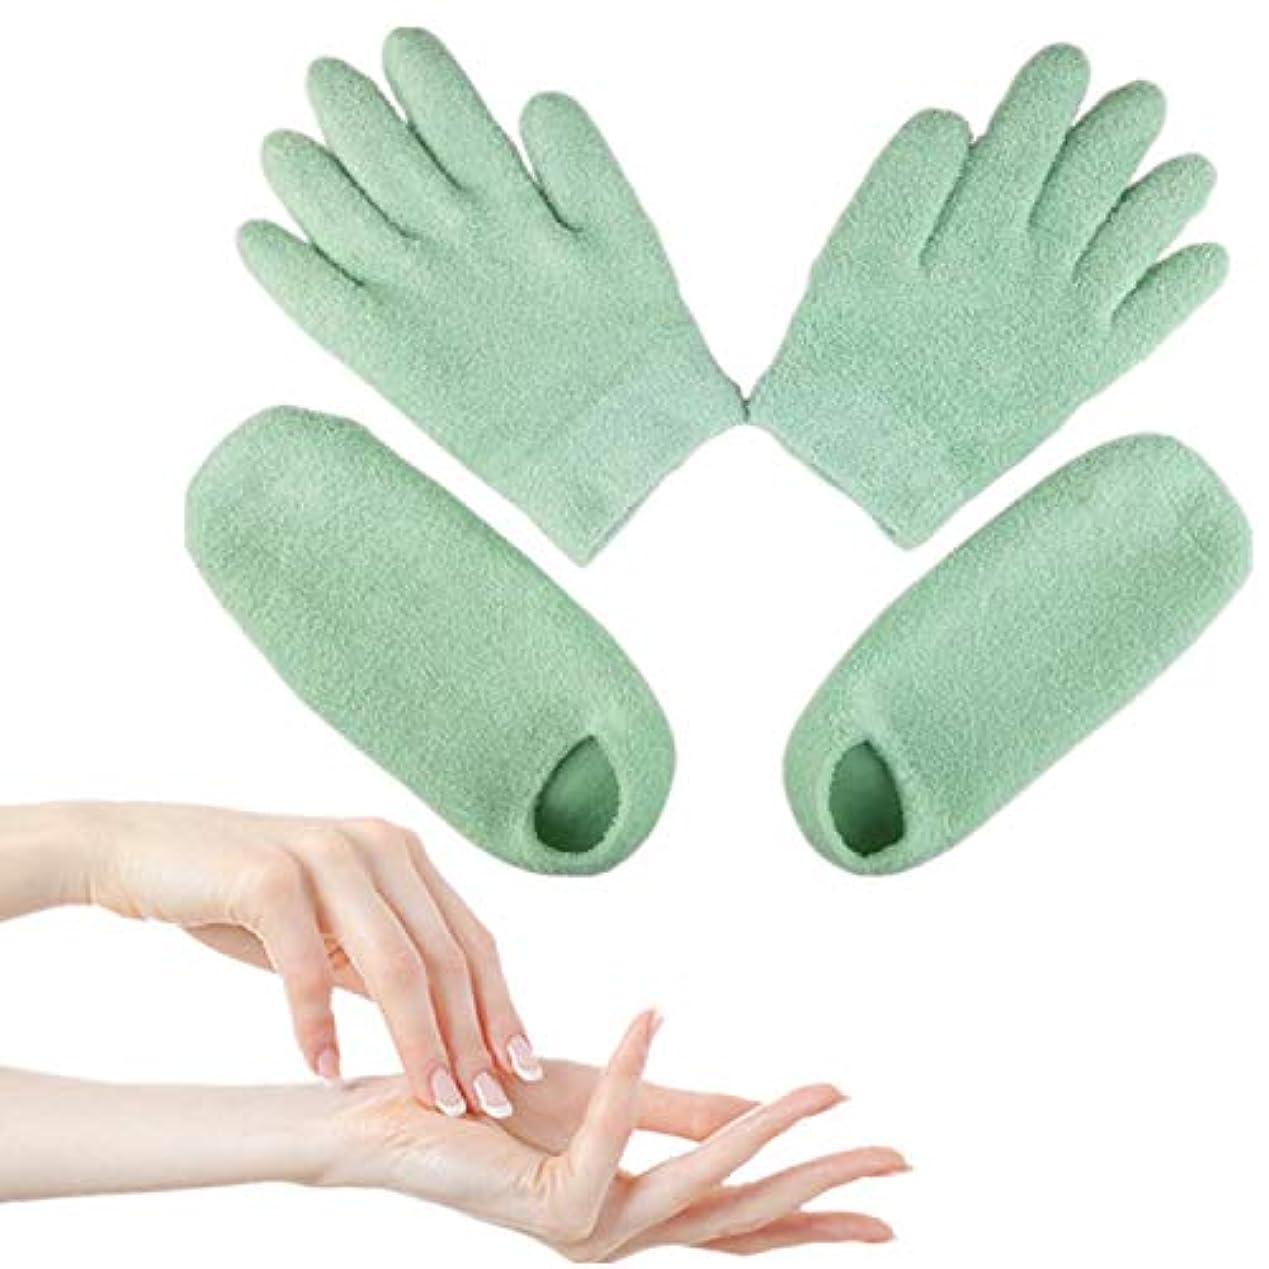 ピザ日曜日関数美容 保湿 靴下 手袋,b2easyモイスチャライジングジェルグローブ、モイスチャライジングジェルソックス(ドライクラックヒール&ハンドトリートメント用)、スパグローブスパソックス(フット&ハンドケア用)男性&女性(グリーン)